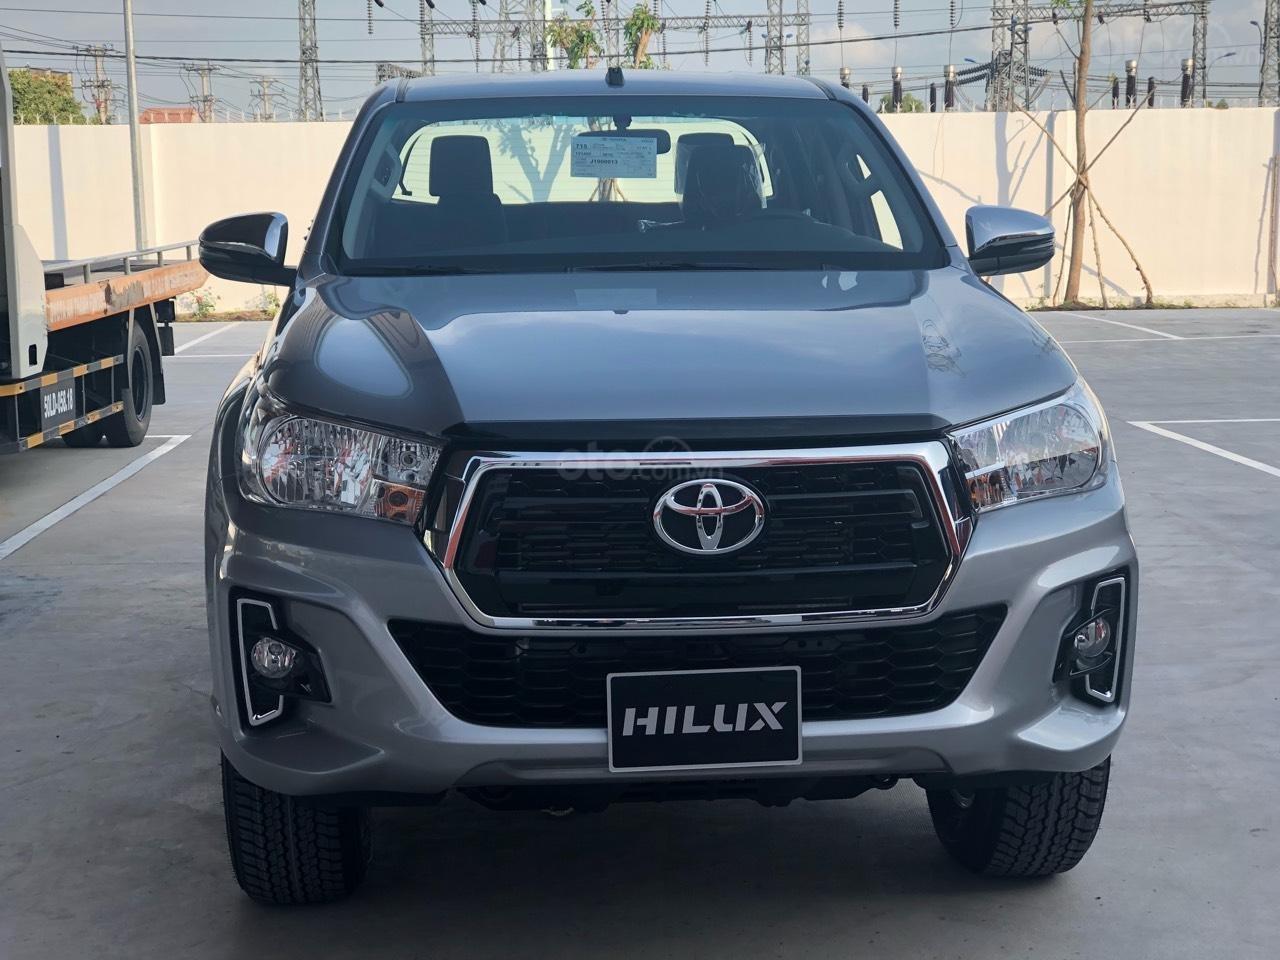 Bán Toyota Hilux 2.4MT, 2.4AT, 2.8AT khuyến mãi tiền mặt, tặng phụ kiện- xe giao ngay toàn quốc (1)